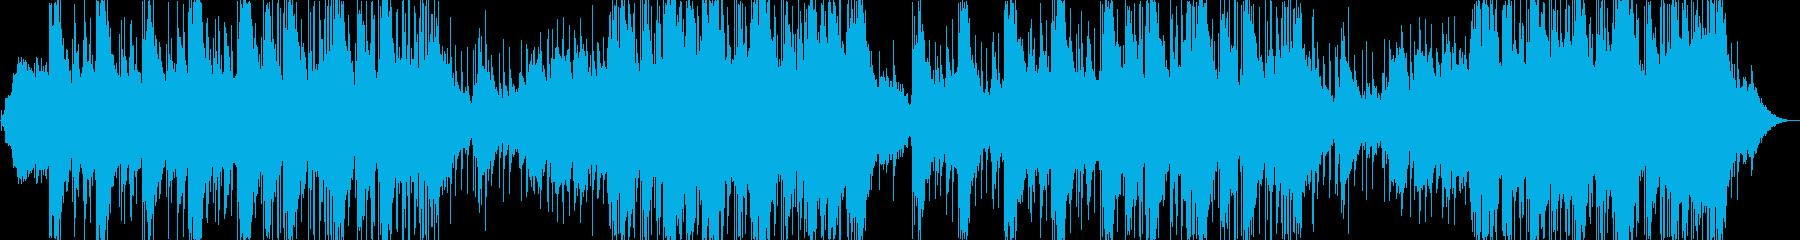 フュージョン 感情的 説明的 静か...の再生済みの波形